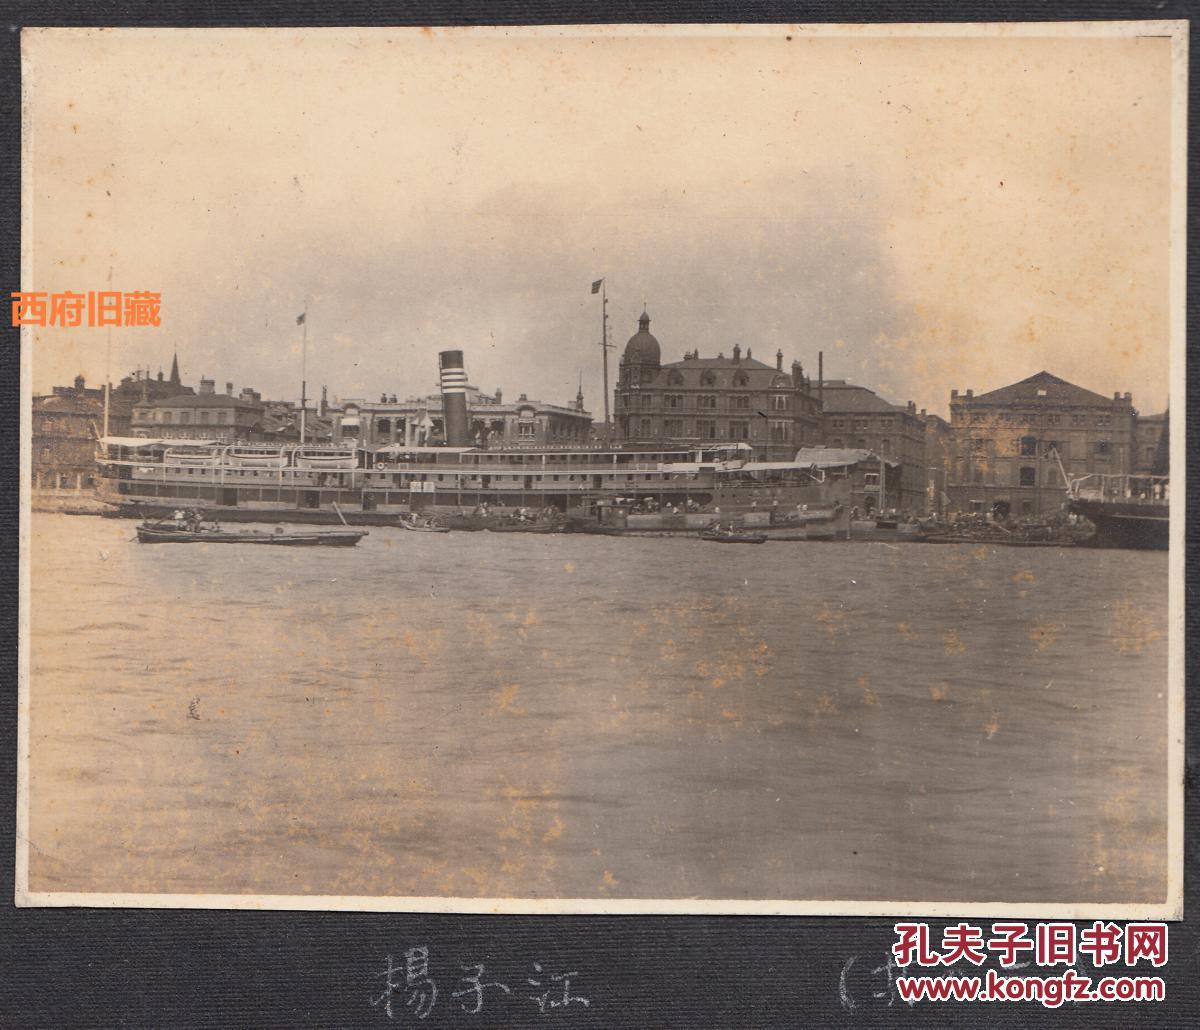 民国老照片,扬子江2,即上海黄浦江